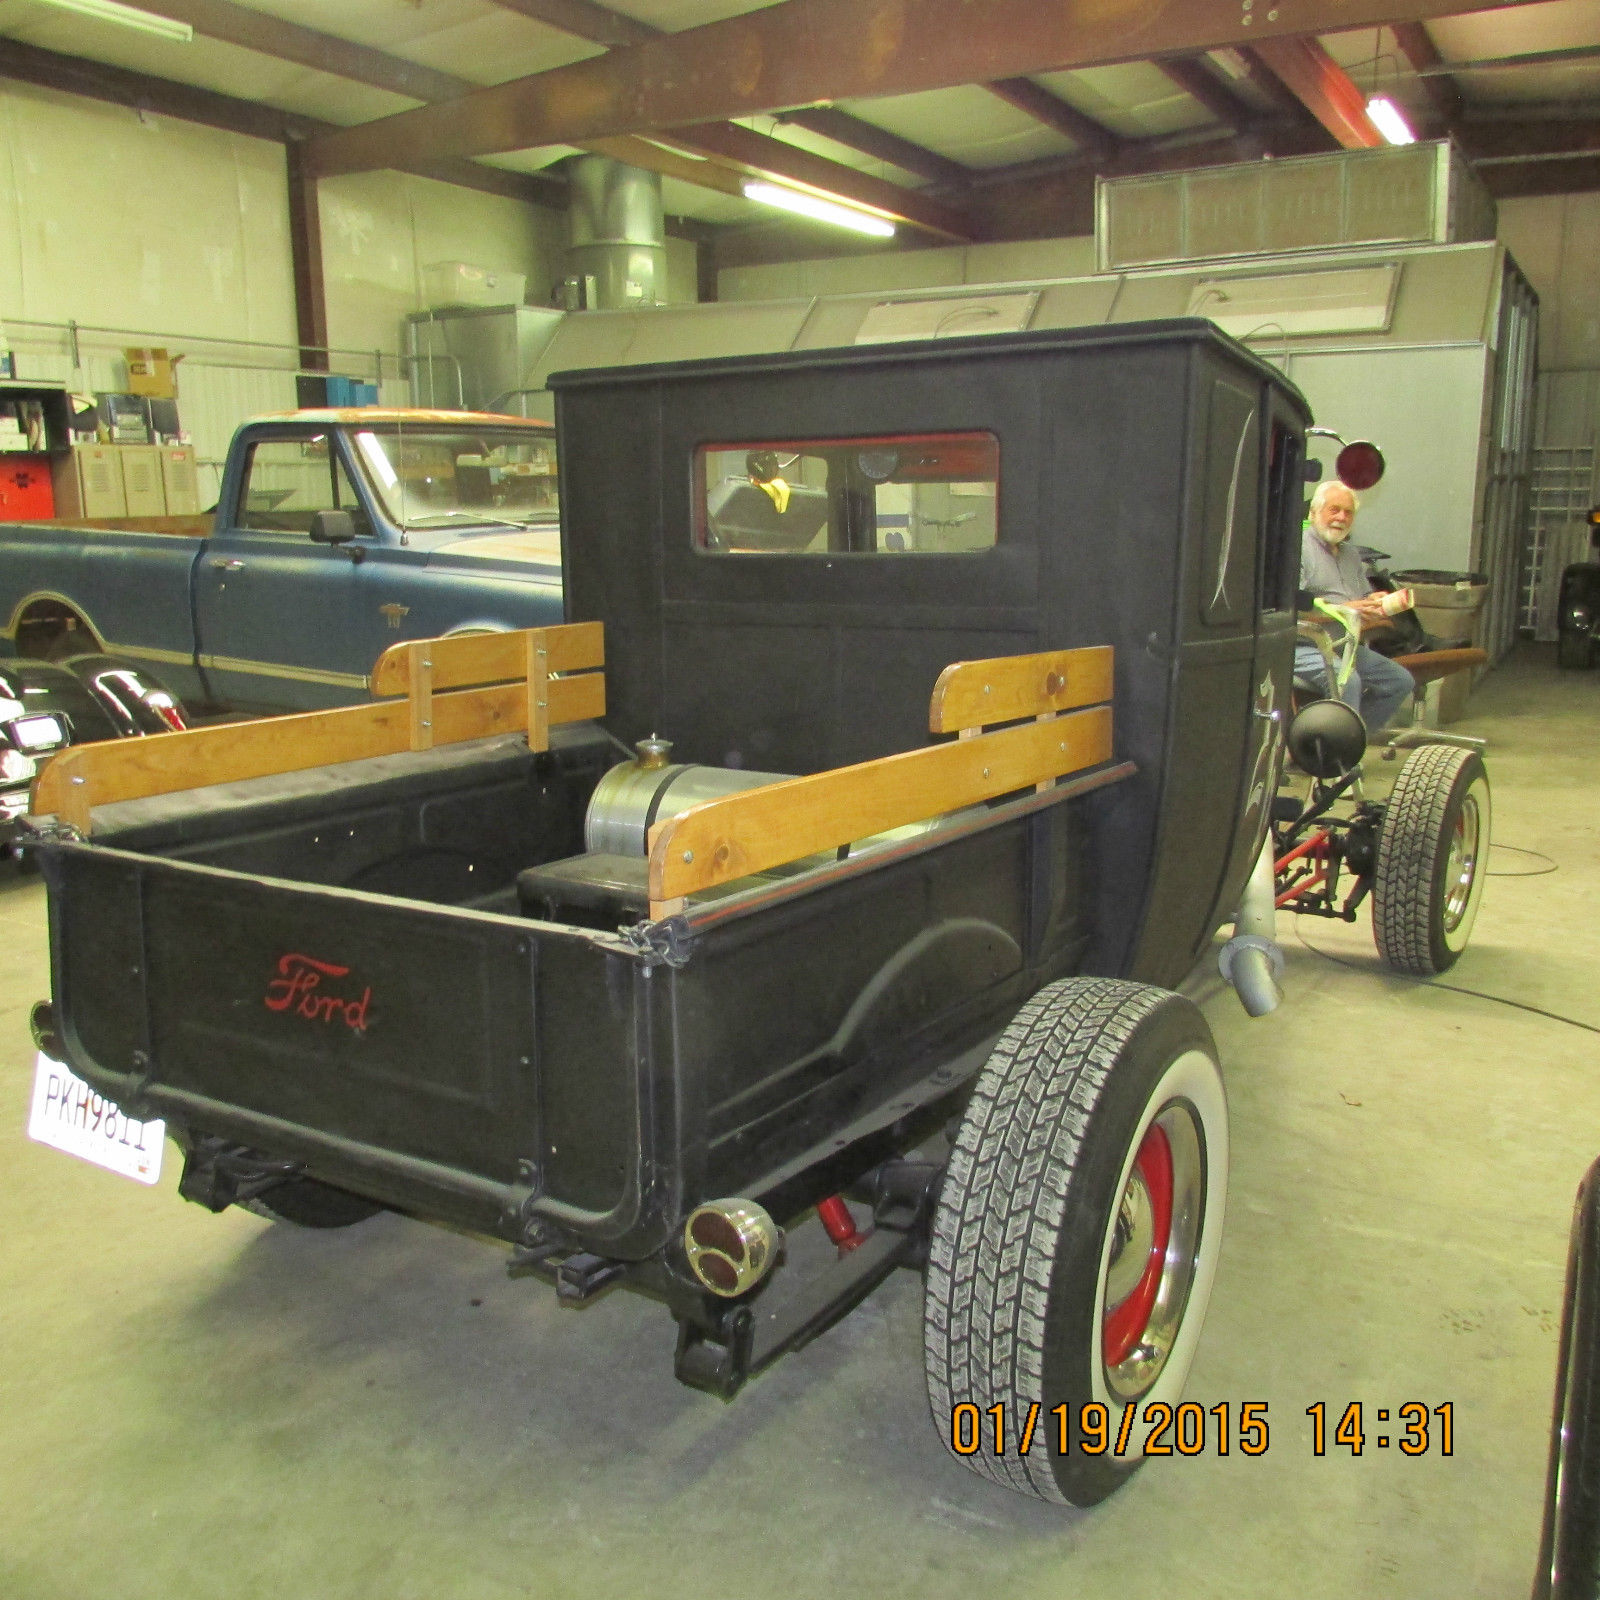 1926 ford model t pickup truck a ratrod 1930 1931 1928 1929 hotrod rat rod for sale in easley. Black Bedroom Furniture Sets. Home Design Ideas